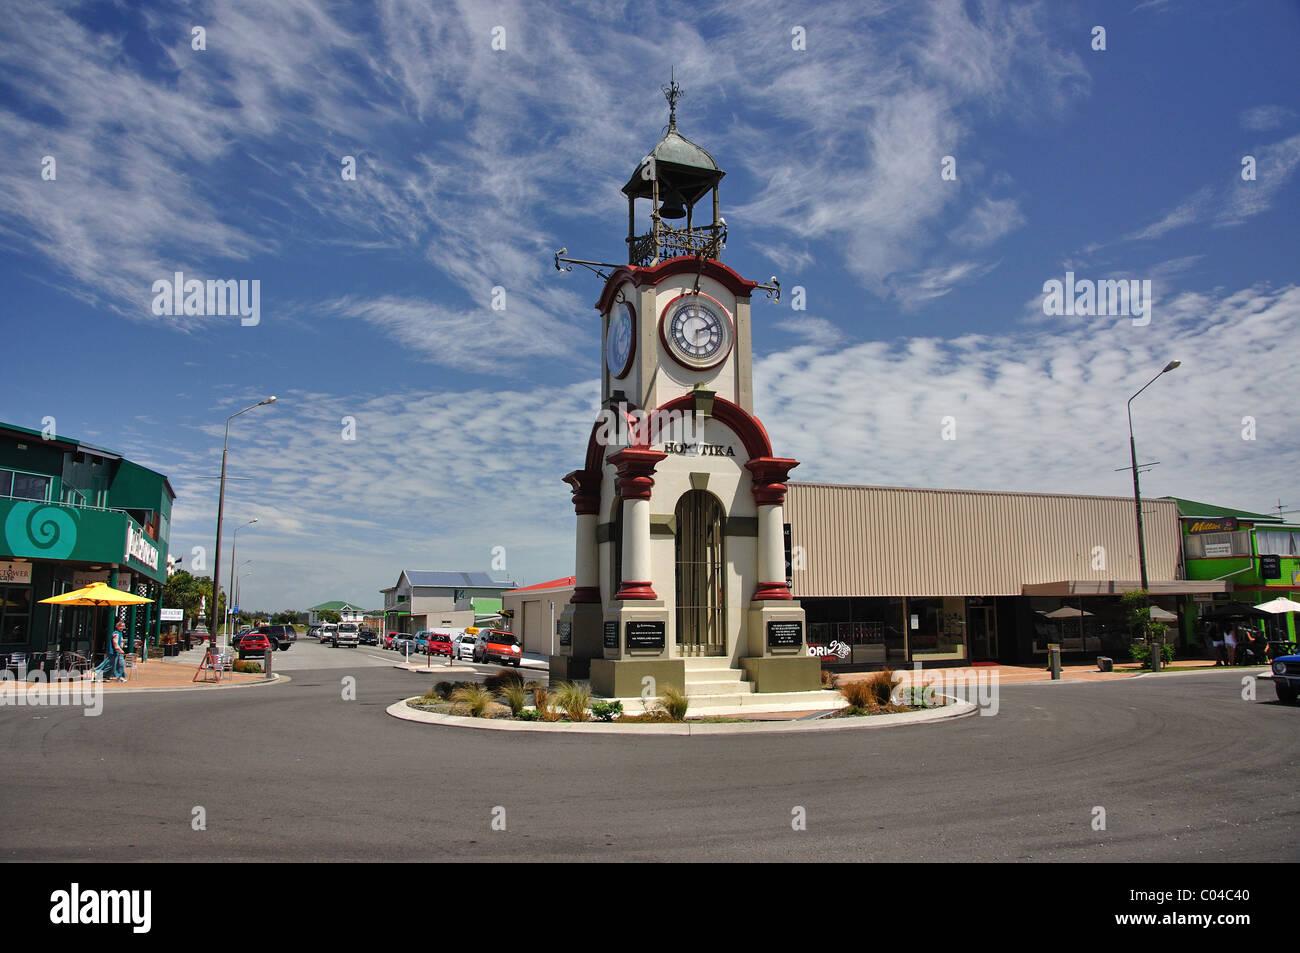 Hokitika Memorial Clocktower, Weld Street, Hokitika, Westland District, Région de la côte ouest, île du Sud, Nouvelle-Zélande Banque D'Images